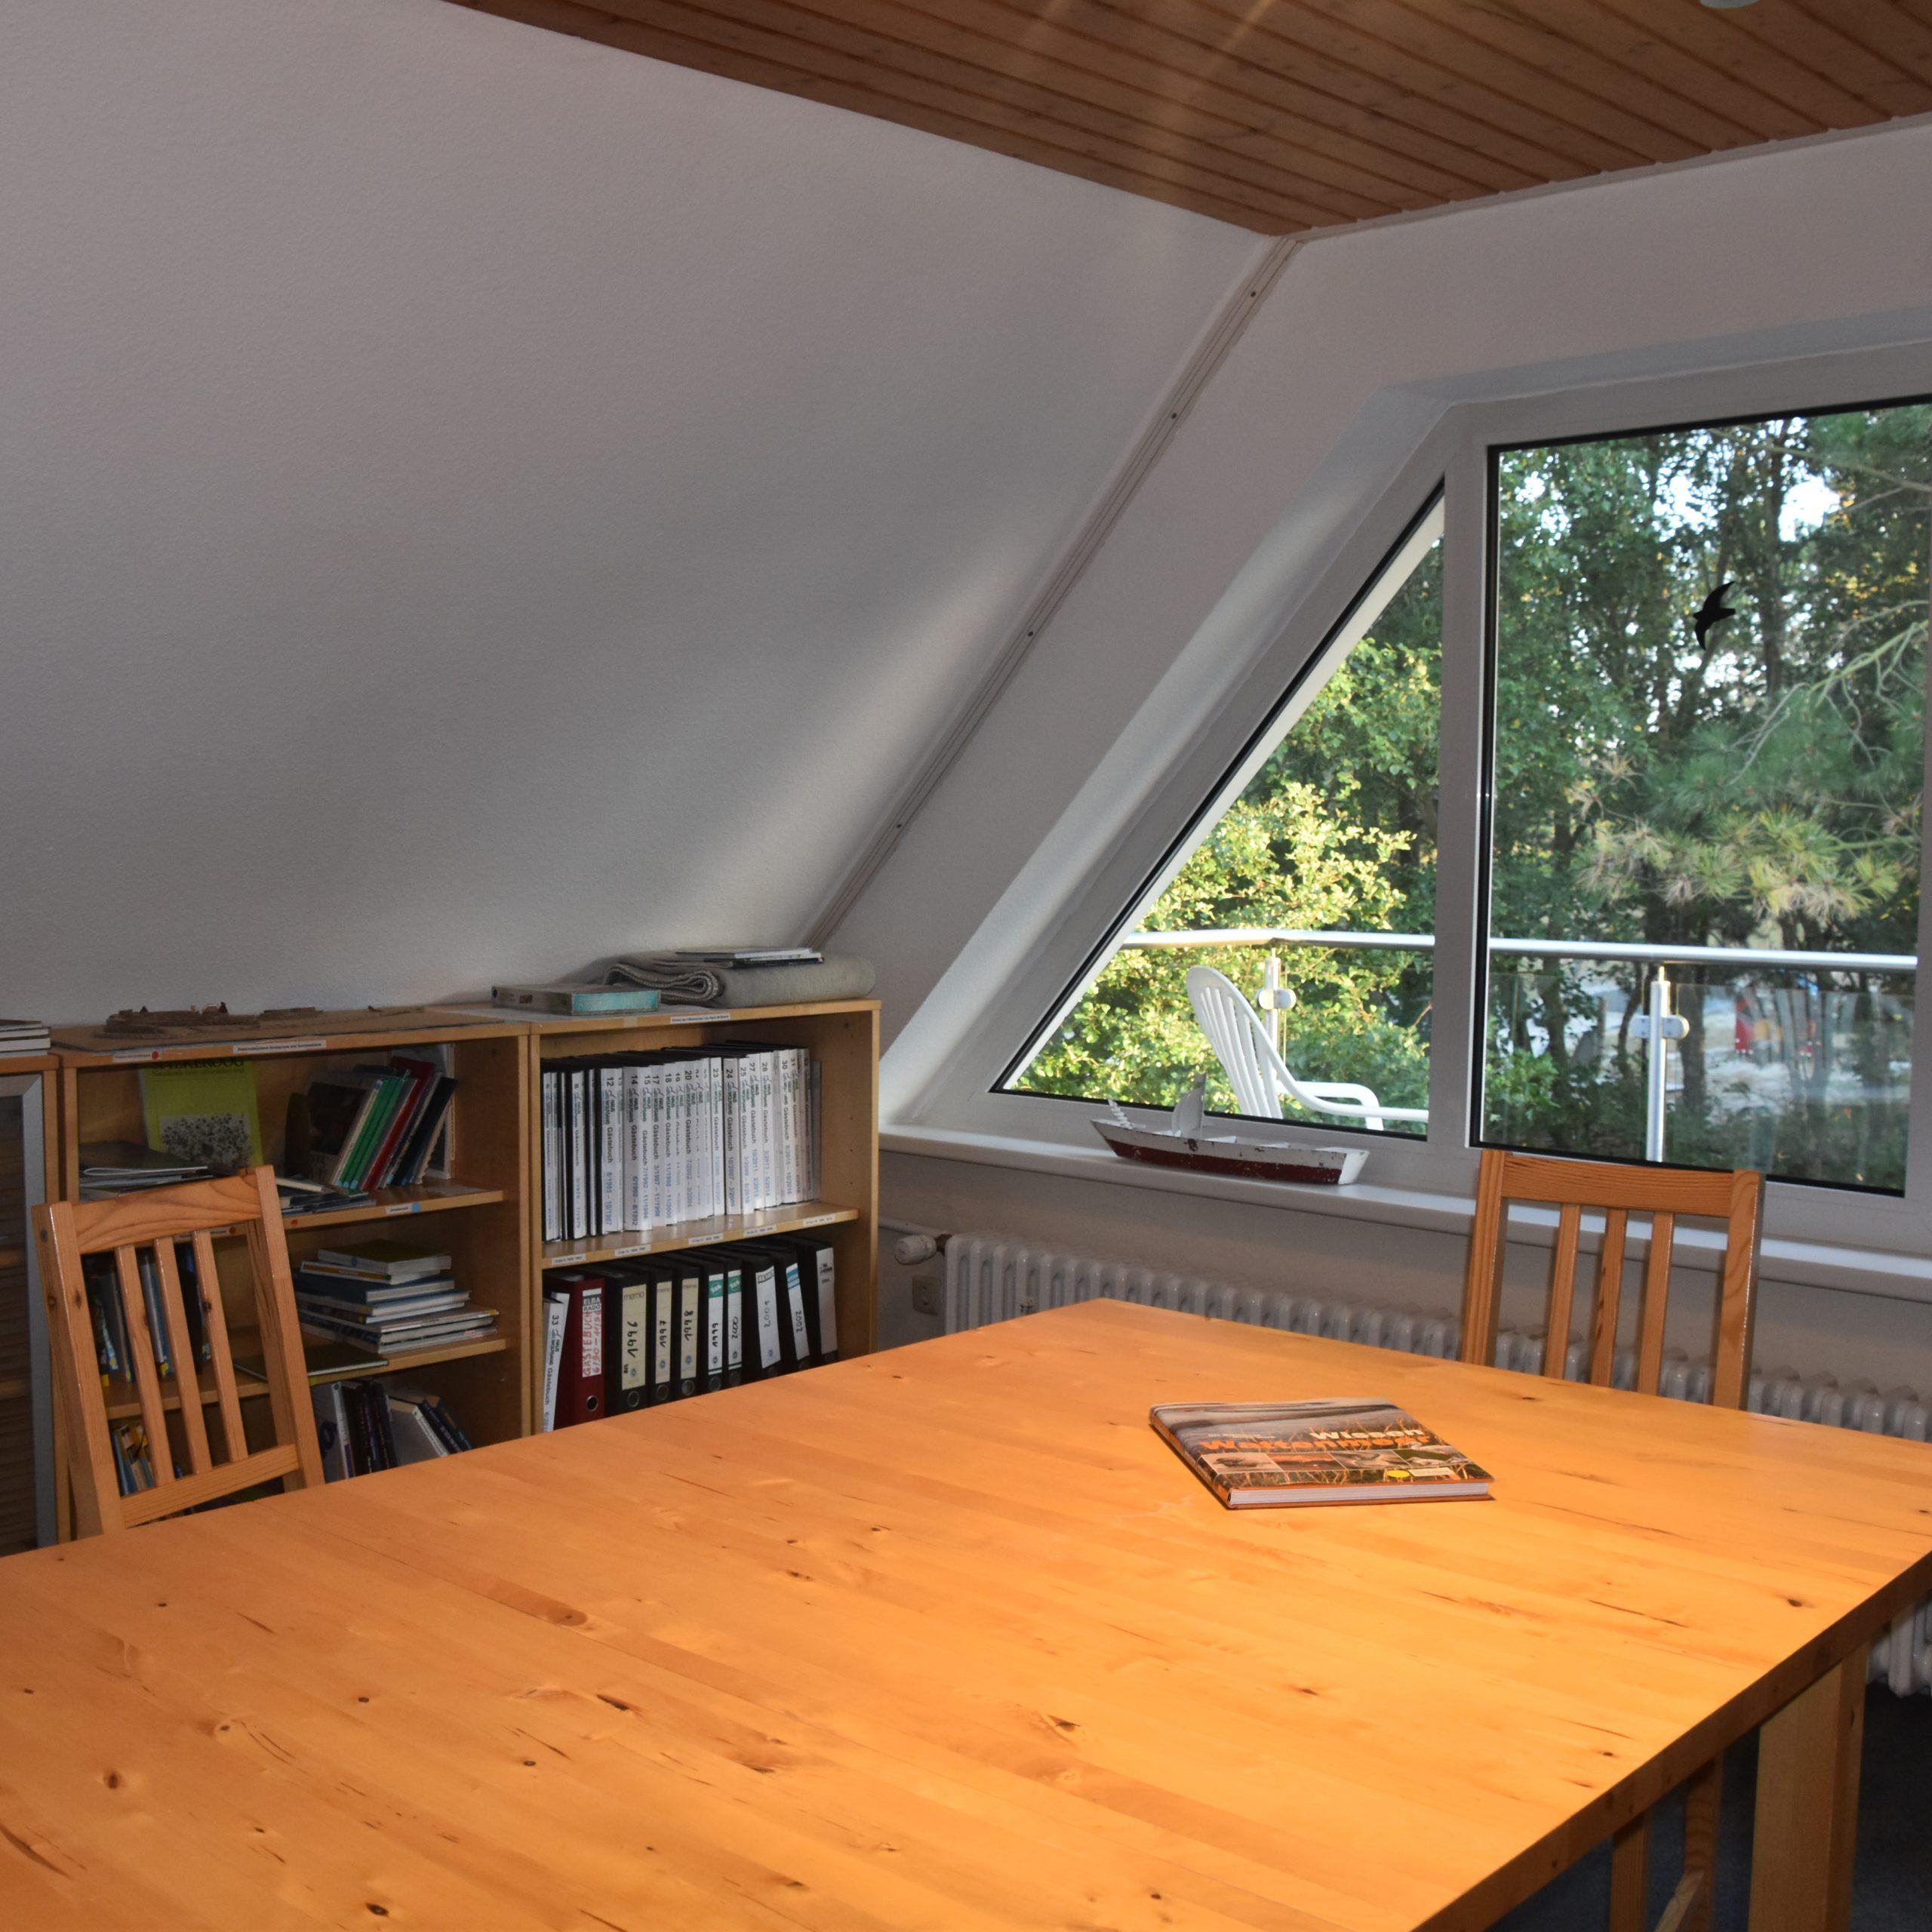 Spiekeroogzimmer mit Literatur über die Insel und das Dorf